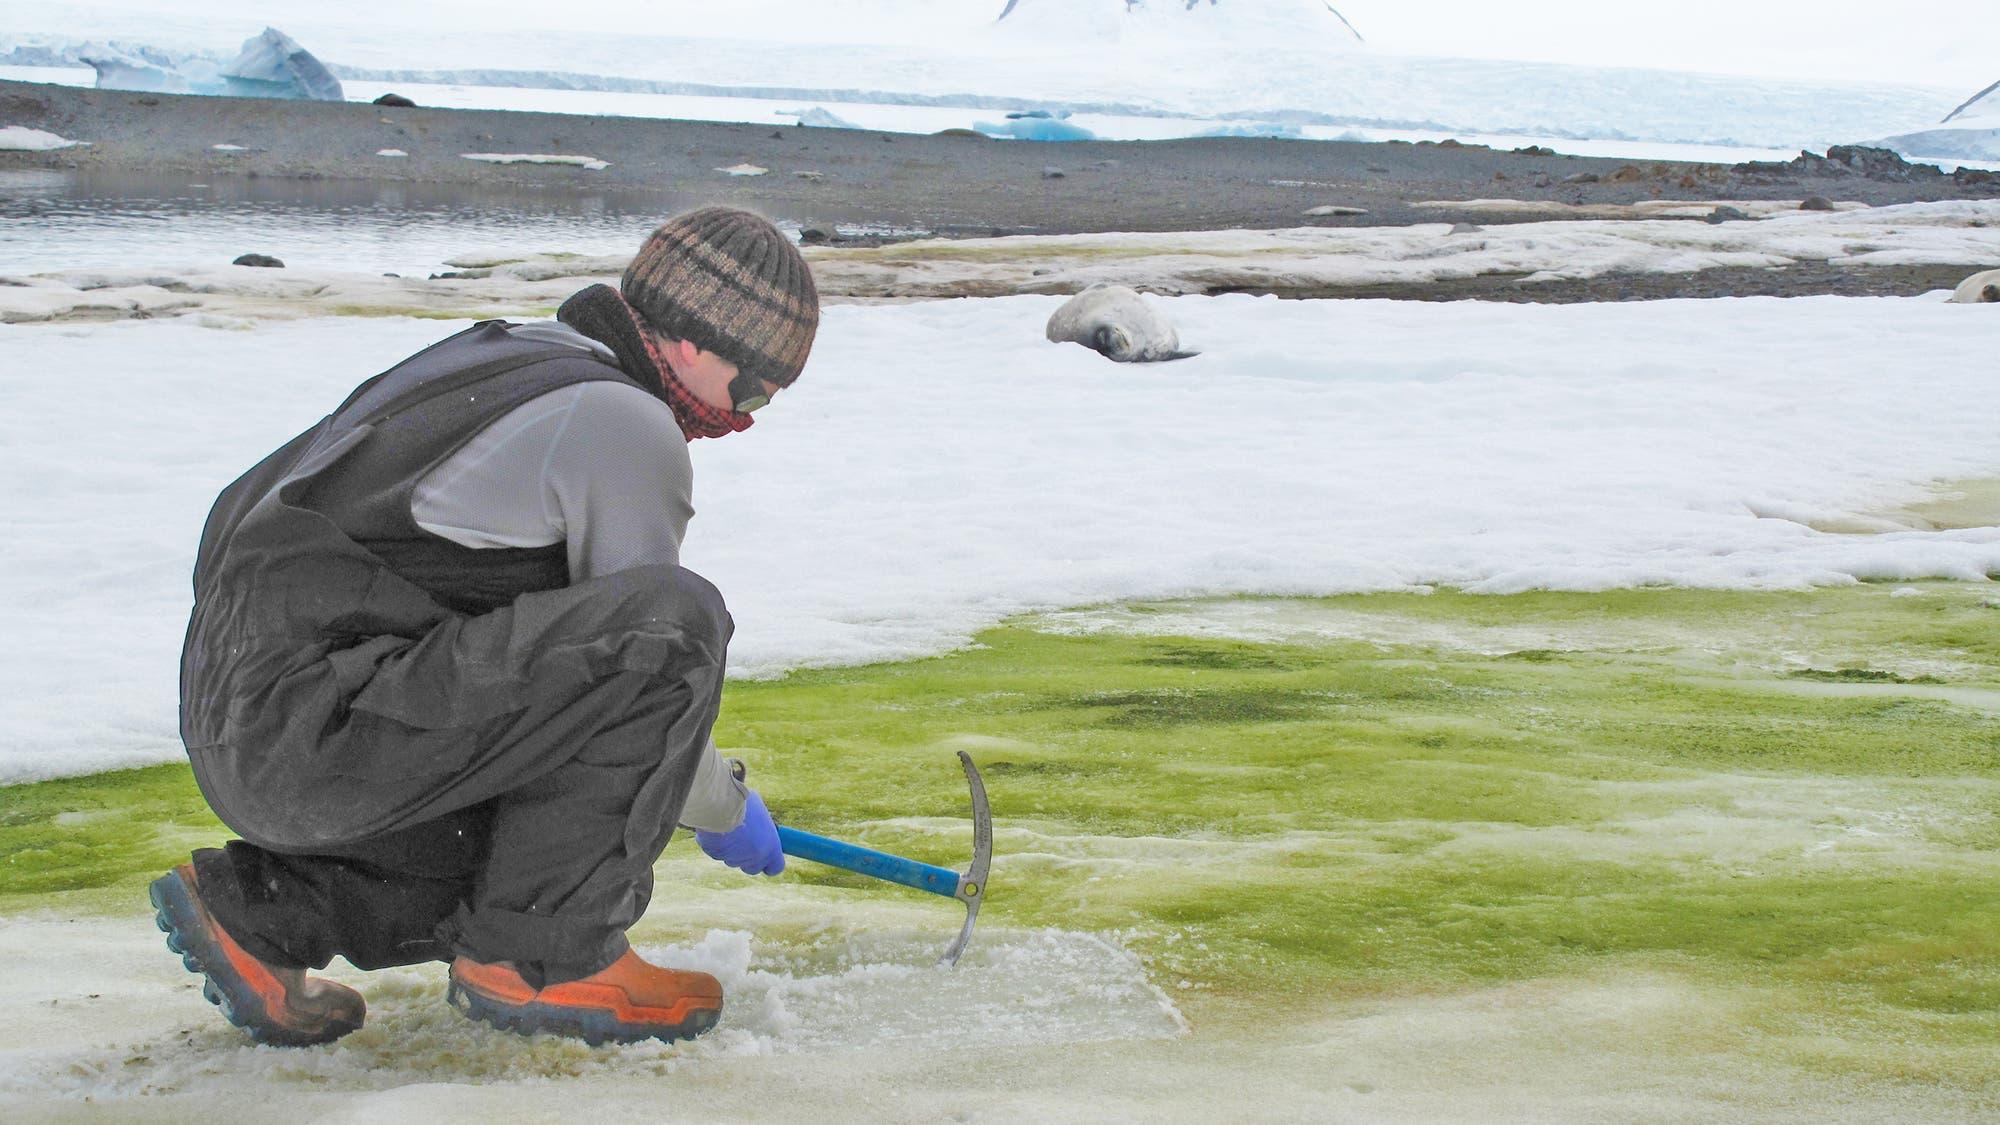 Der britische Algenforscher Matt Davey nimmt Proben von Schneealgen auf einer Insel in der Antarktis.